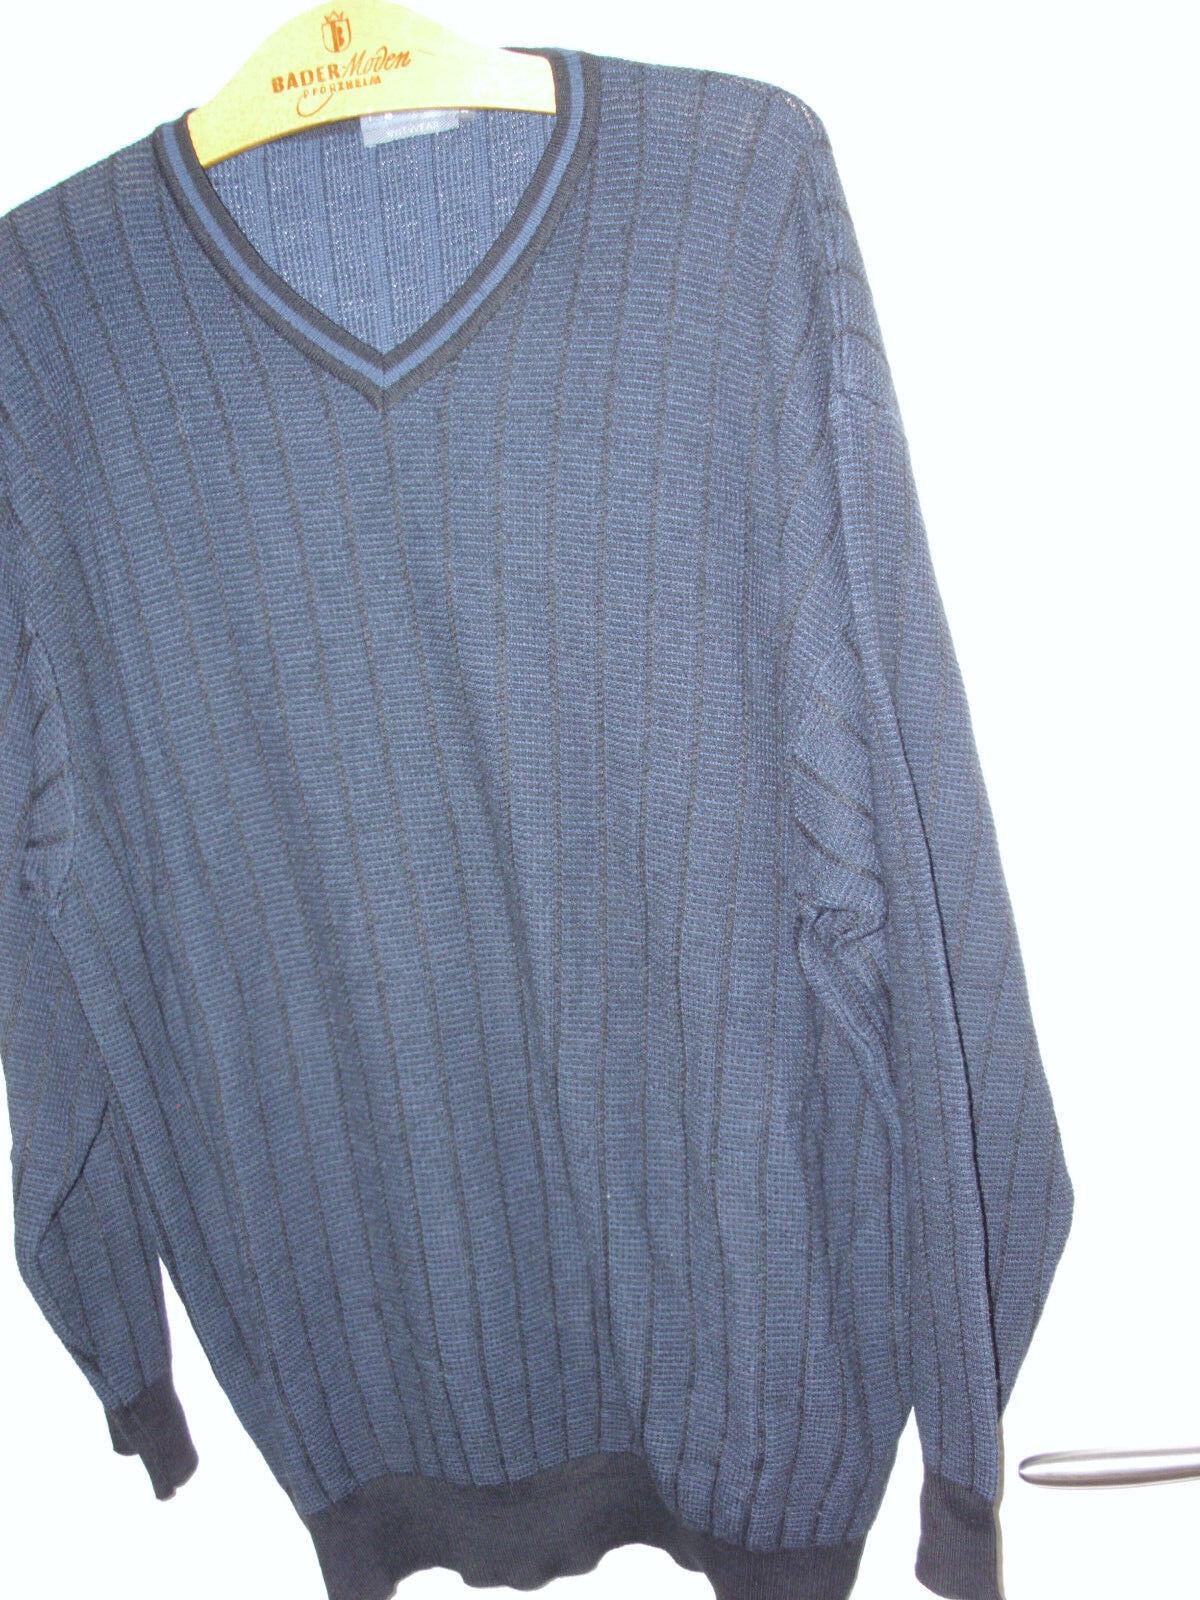 GARDEUR Merino Wolle Langarm Business Pullover V Ausschnitt Blau Schwarz Gr. 60 | Deutschland Shops